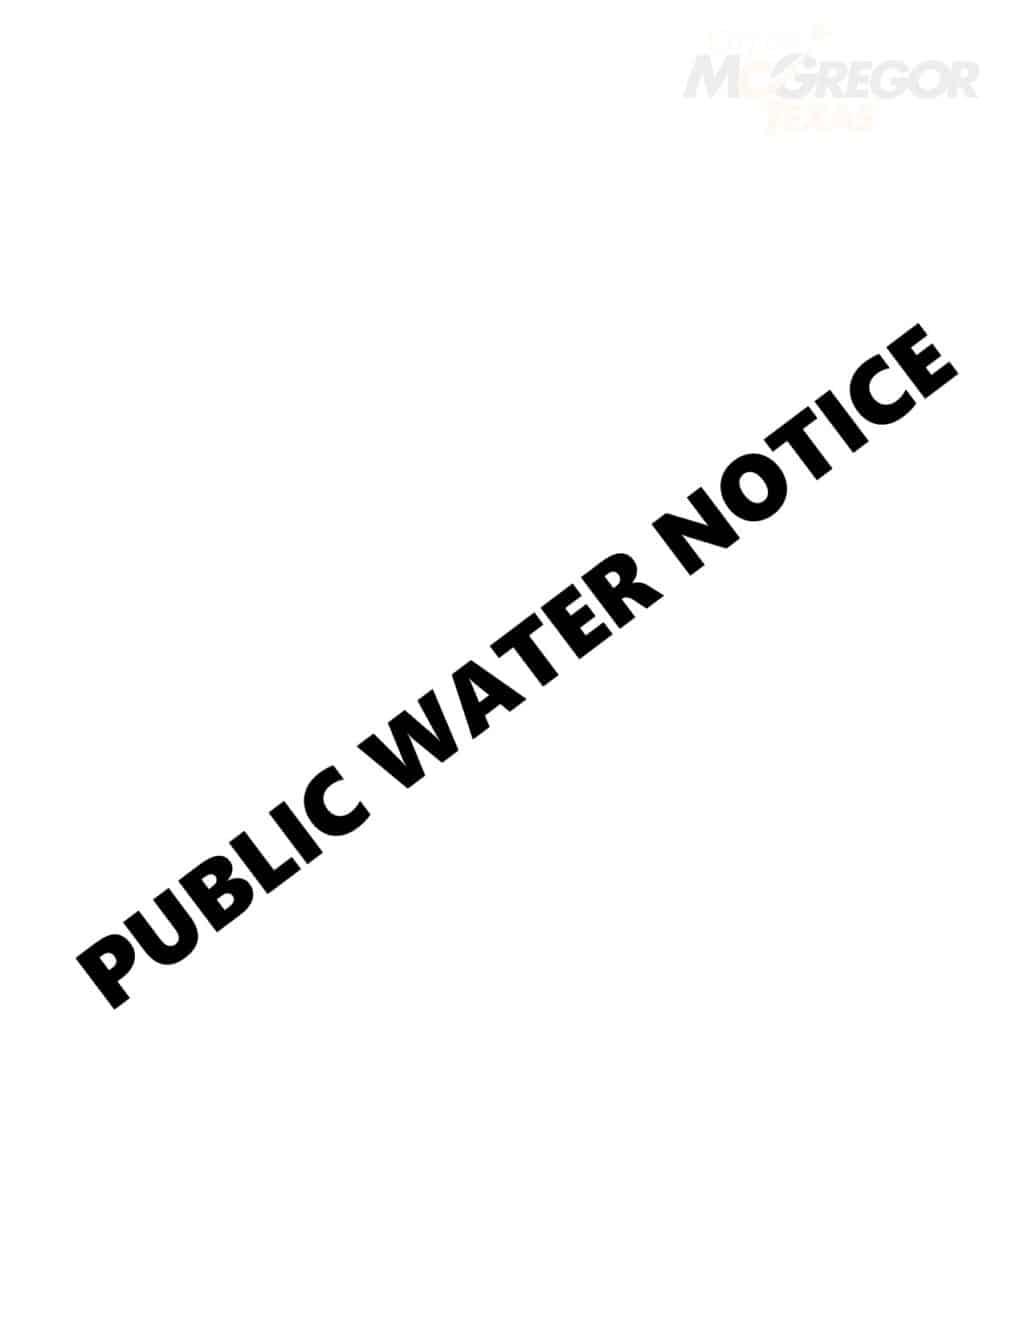 Public Water Notice